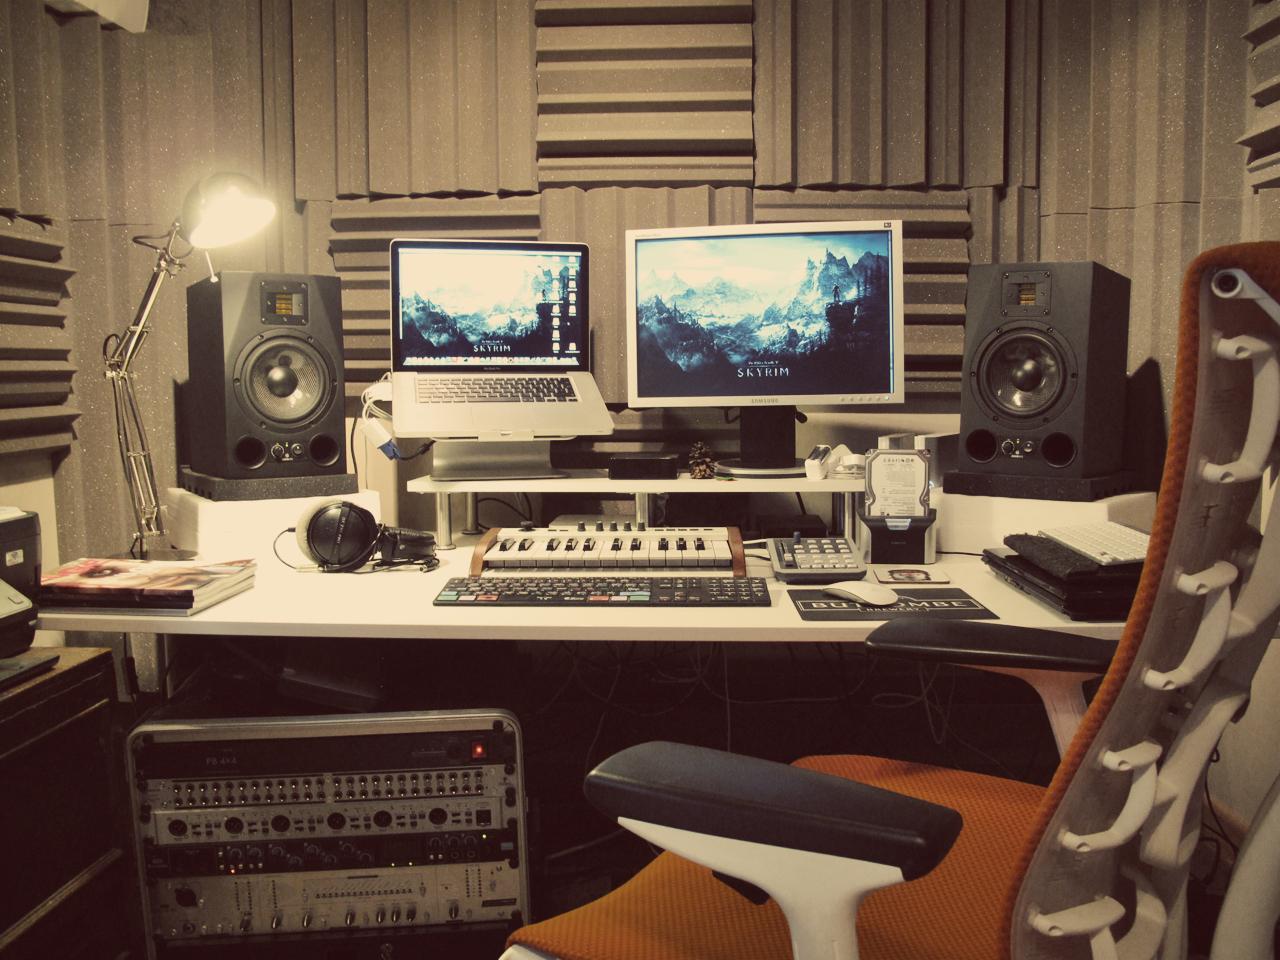 Studiotime.io: o  Airbnb para estúdios de áudio e gravação #djbanemc, Airbnb, áudio, DJs, estúdios, gravação, produtores musicais, Studiotime.io